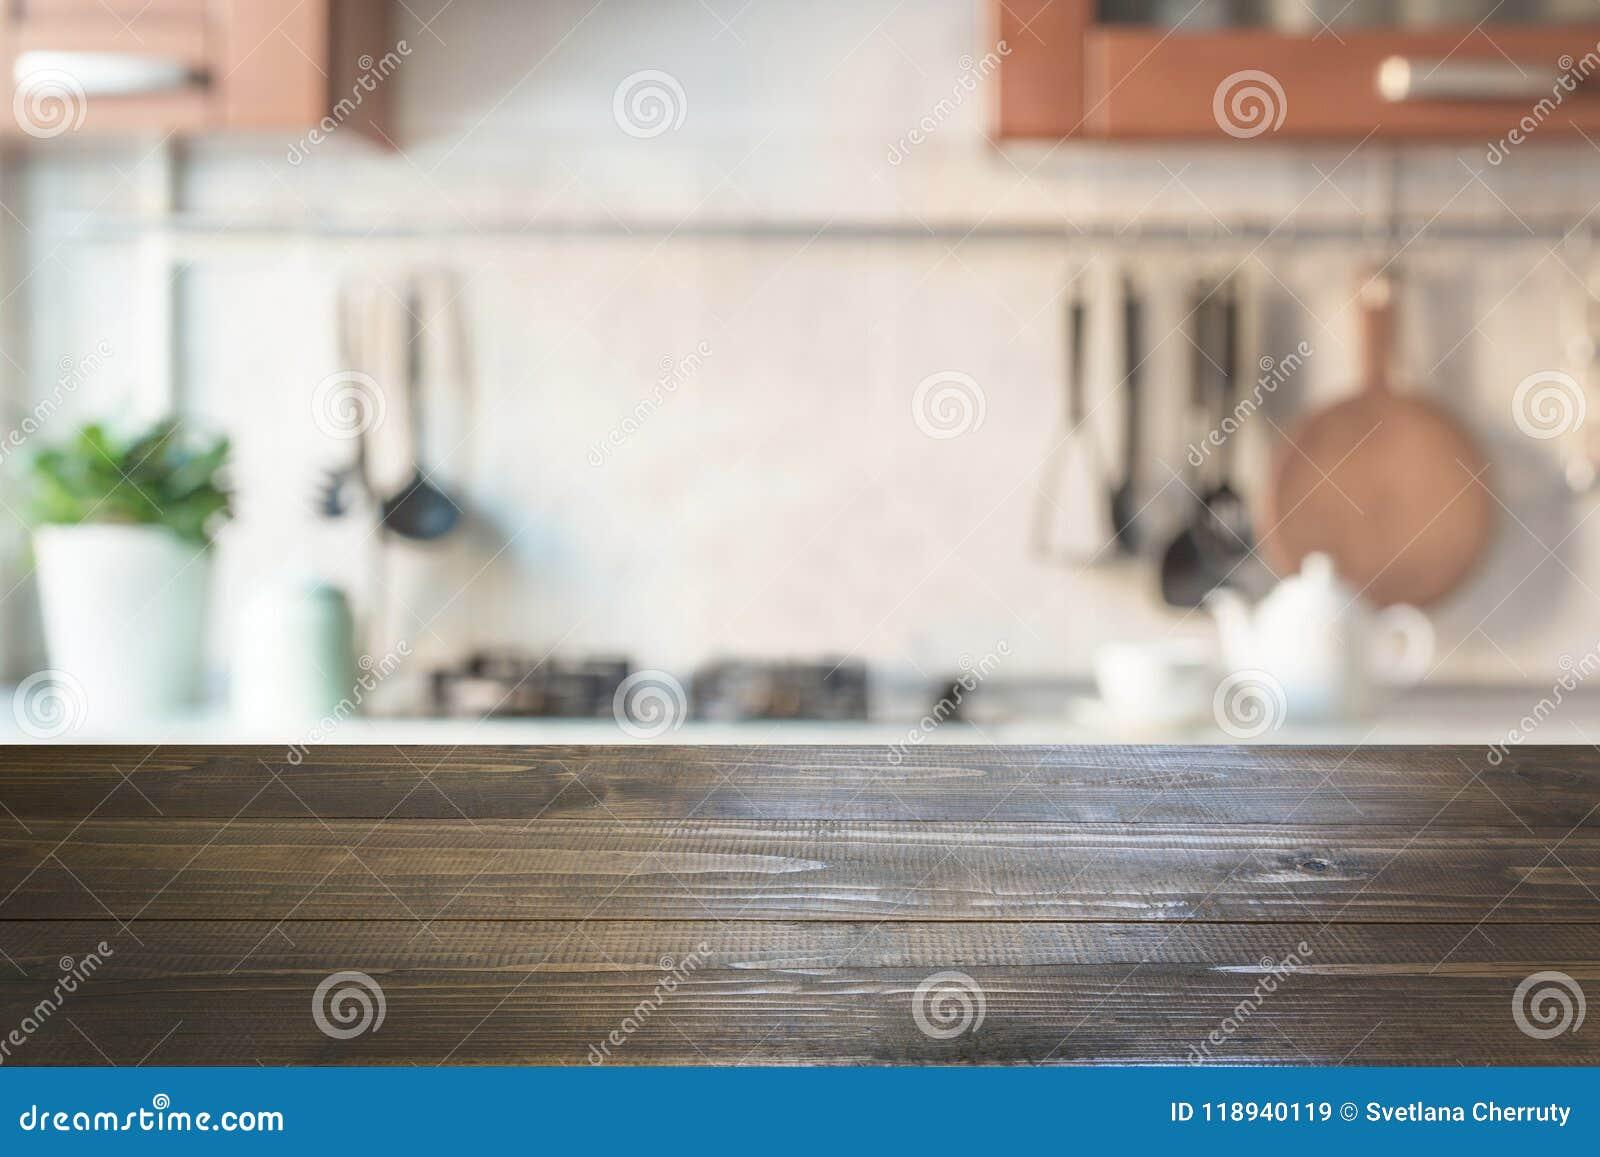 Fundo abstrato borrado Cozinha moderna com tabletop e espaço para a exposição seus produtos